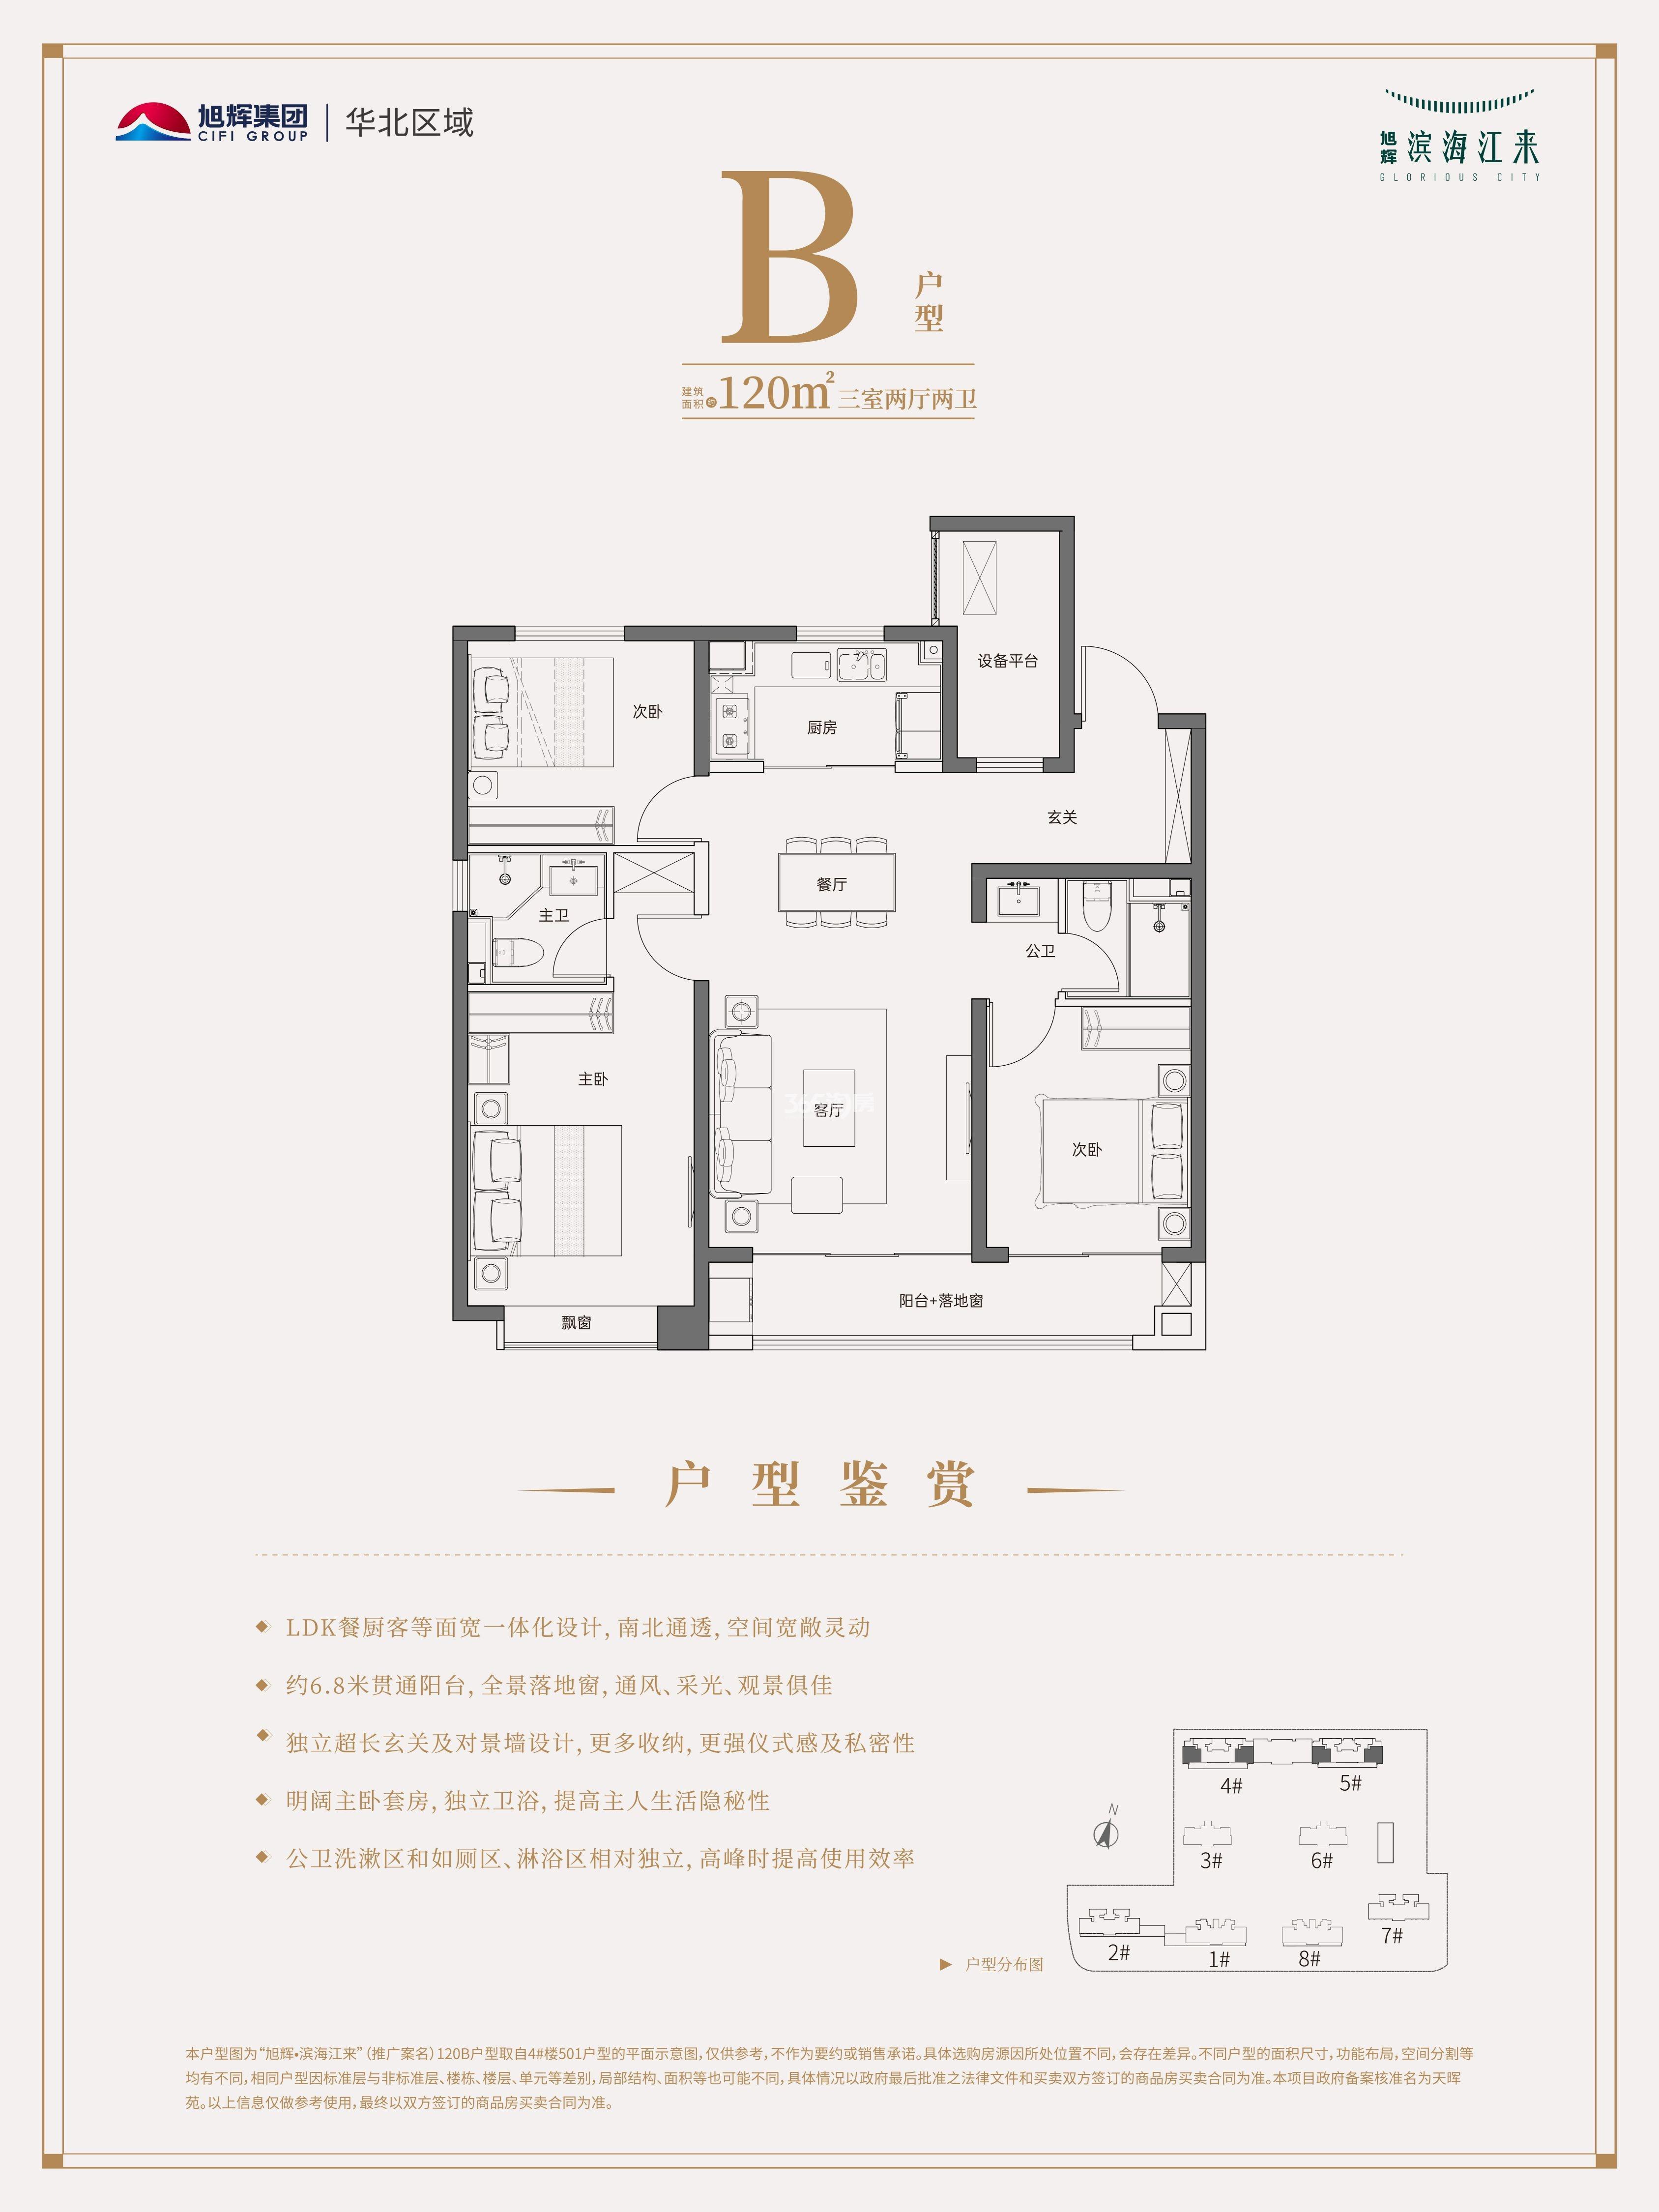 B户型 三室两厅两卫 120平米